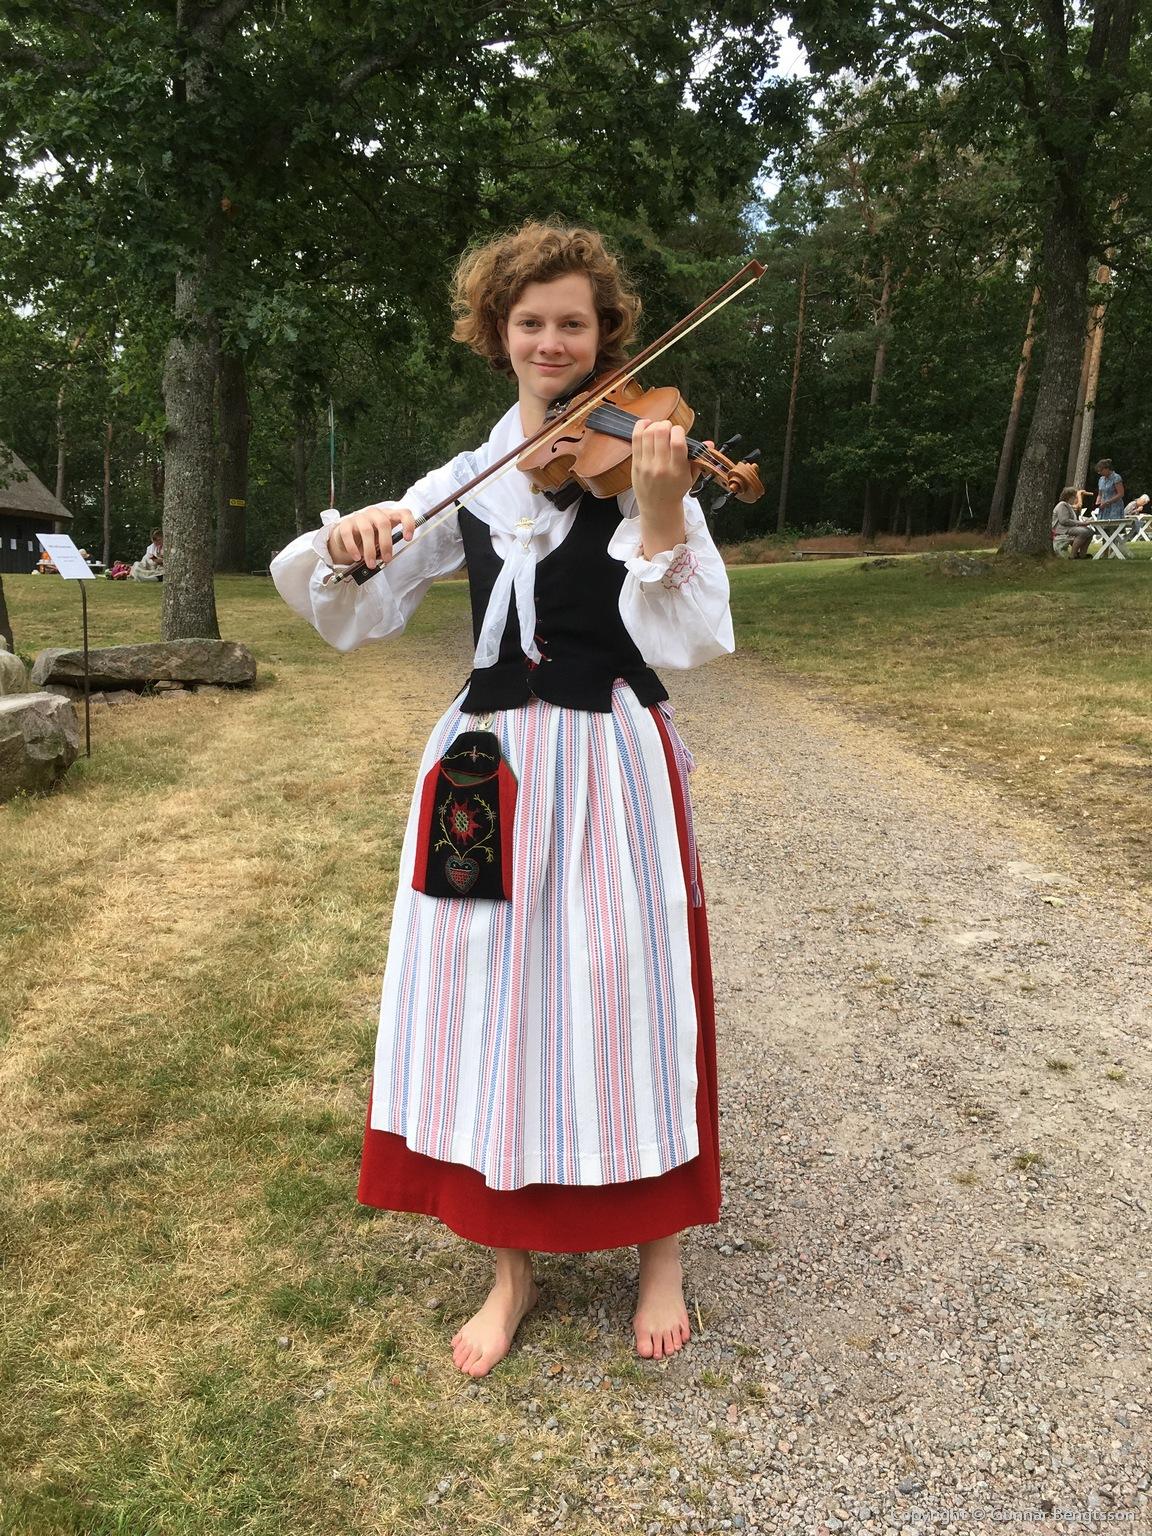 Första söndagen underhöll Oline Ovik på violin och berättade intressant om musiken.